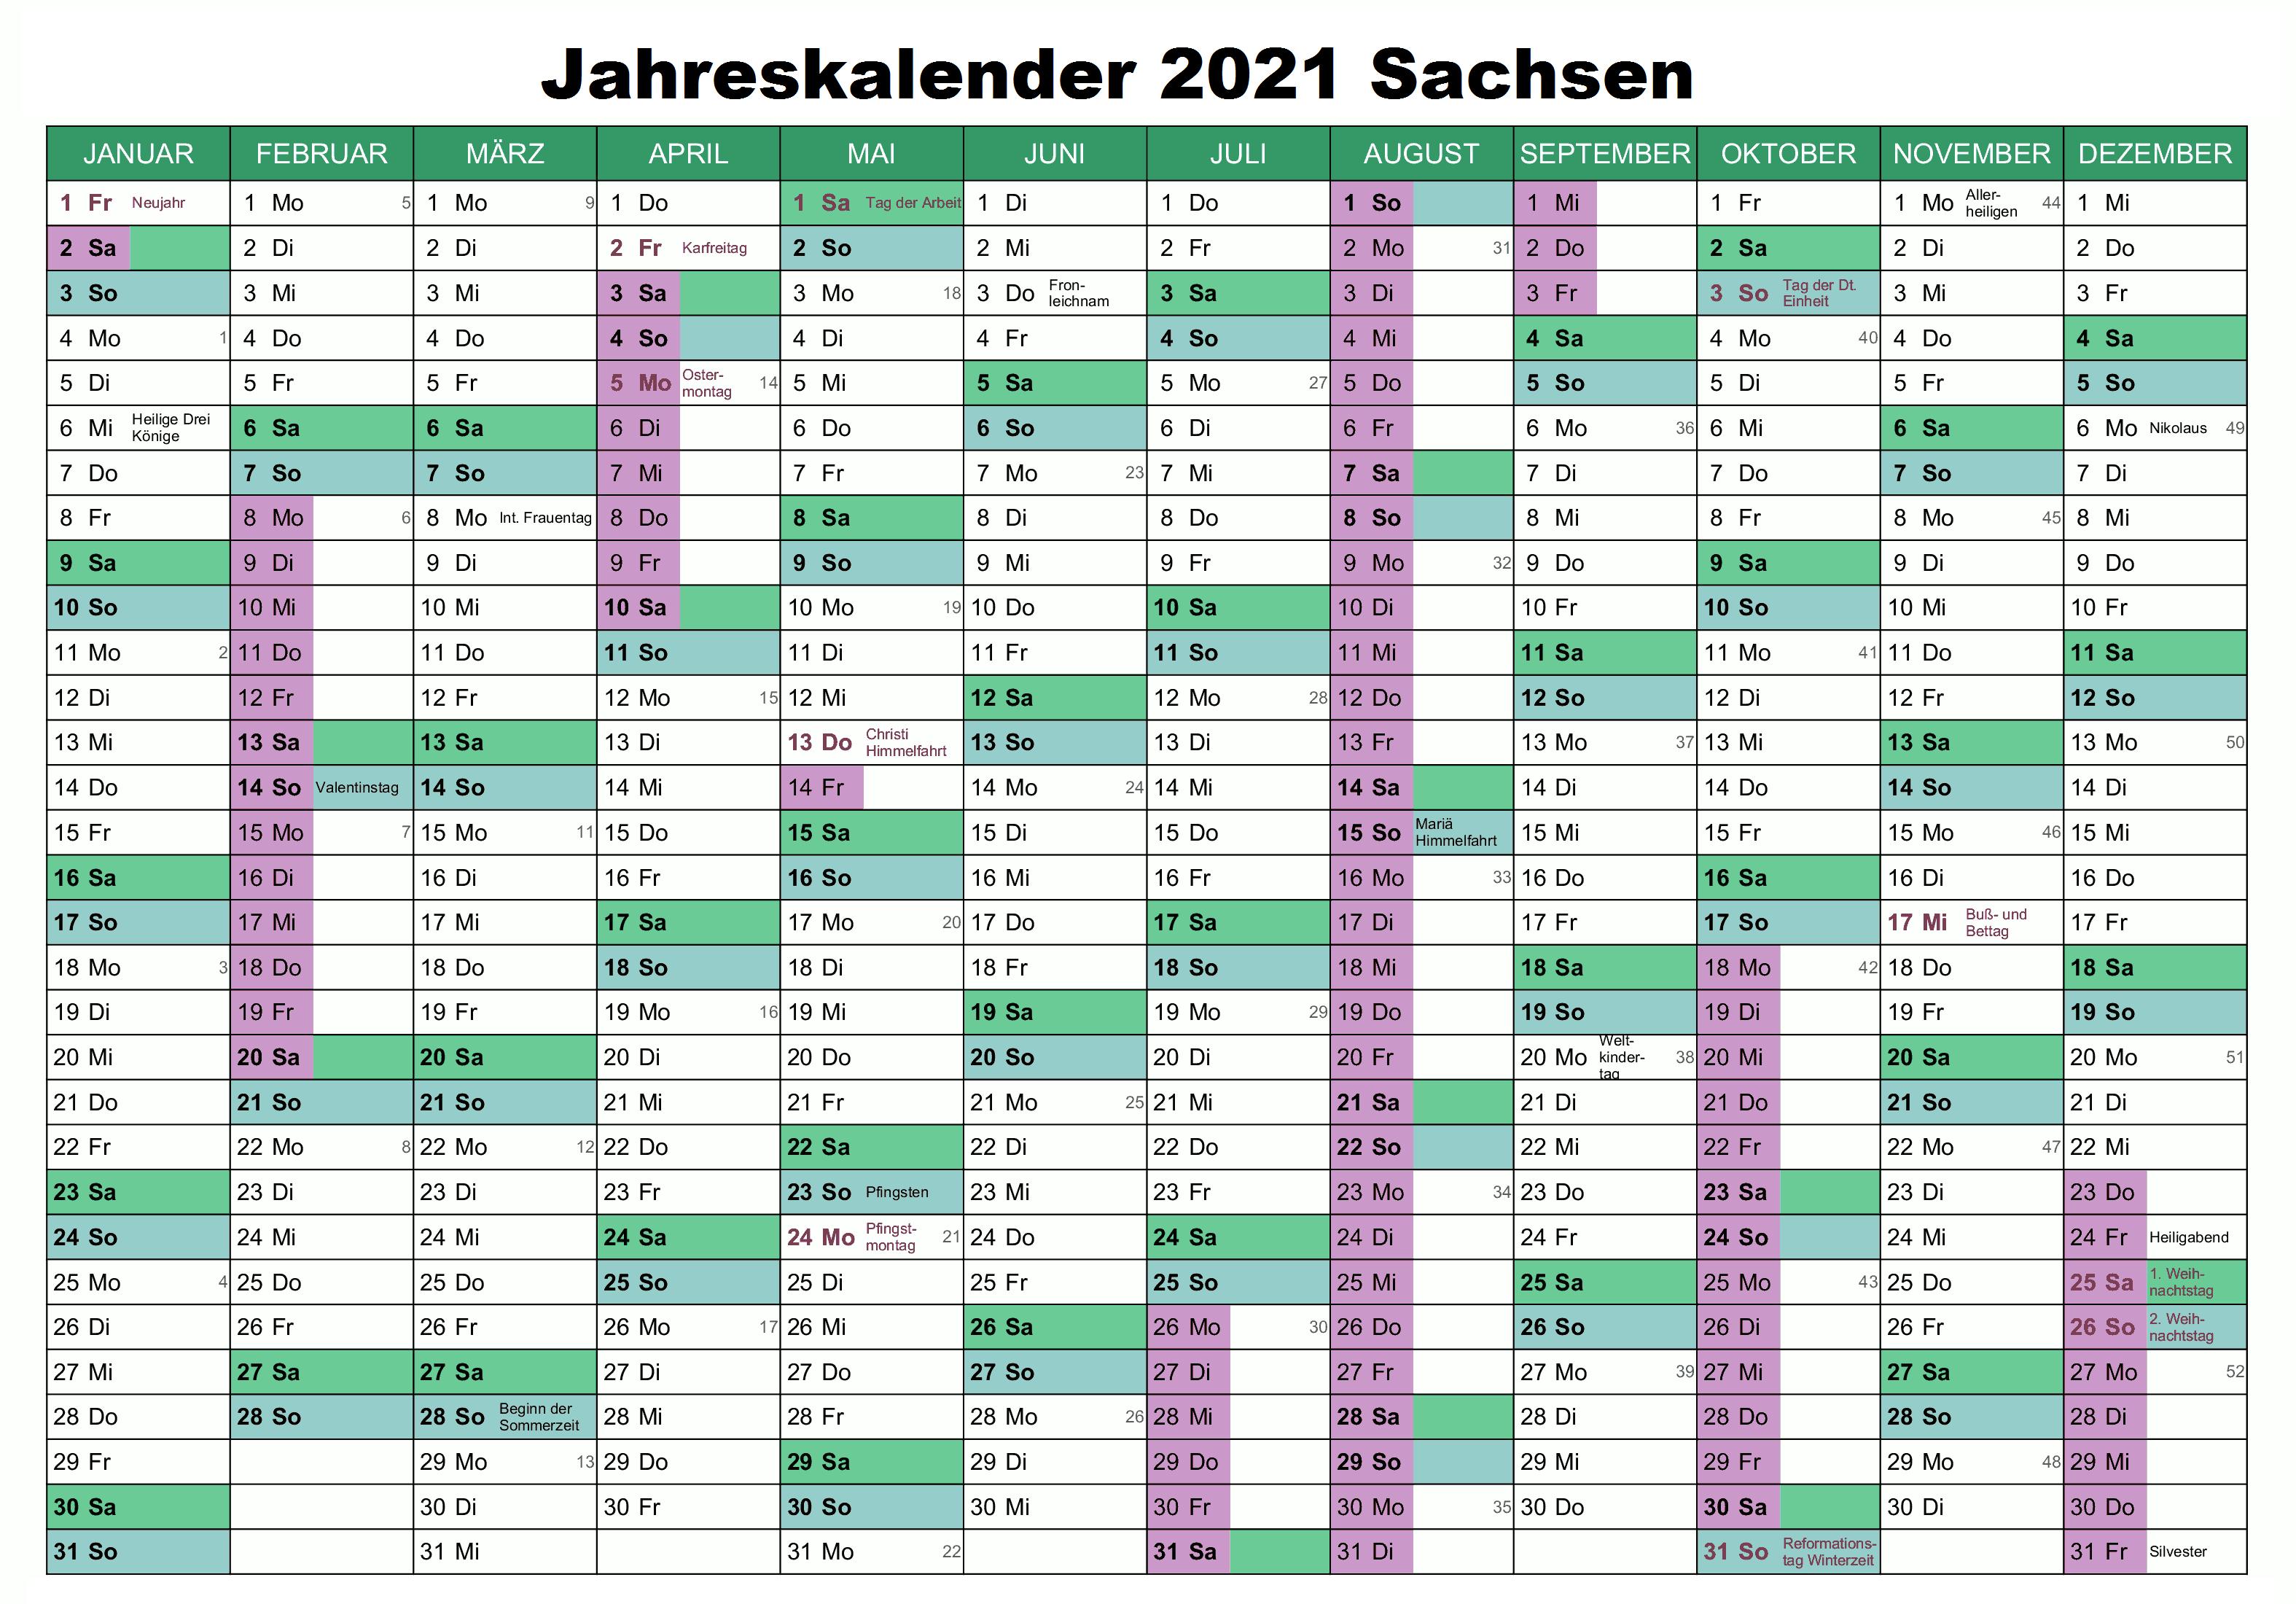 Jahreskalender 2021 Sachsen PDF